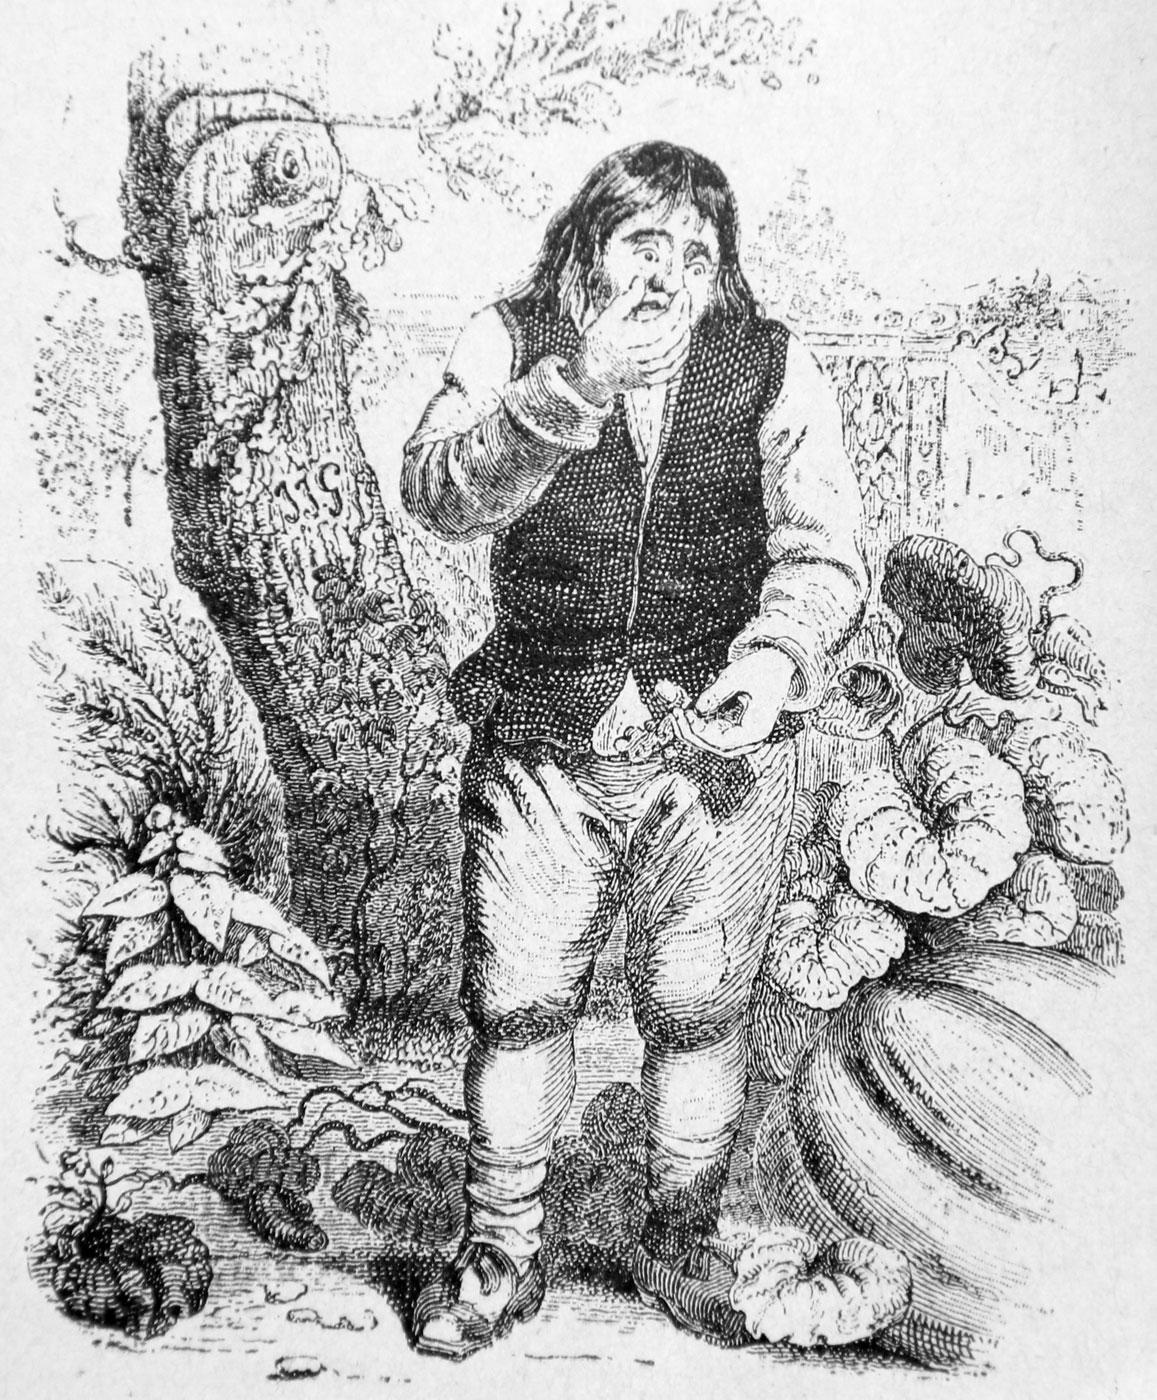 Le Gland Et La Citrouille : gland, citrouille, Gland, Citrouille, Wikipédia